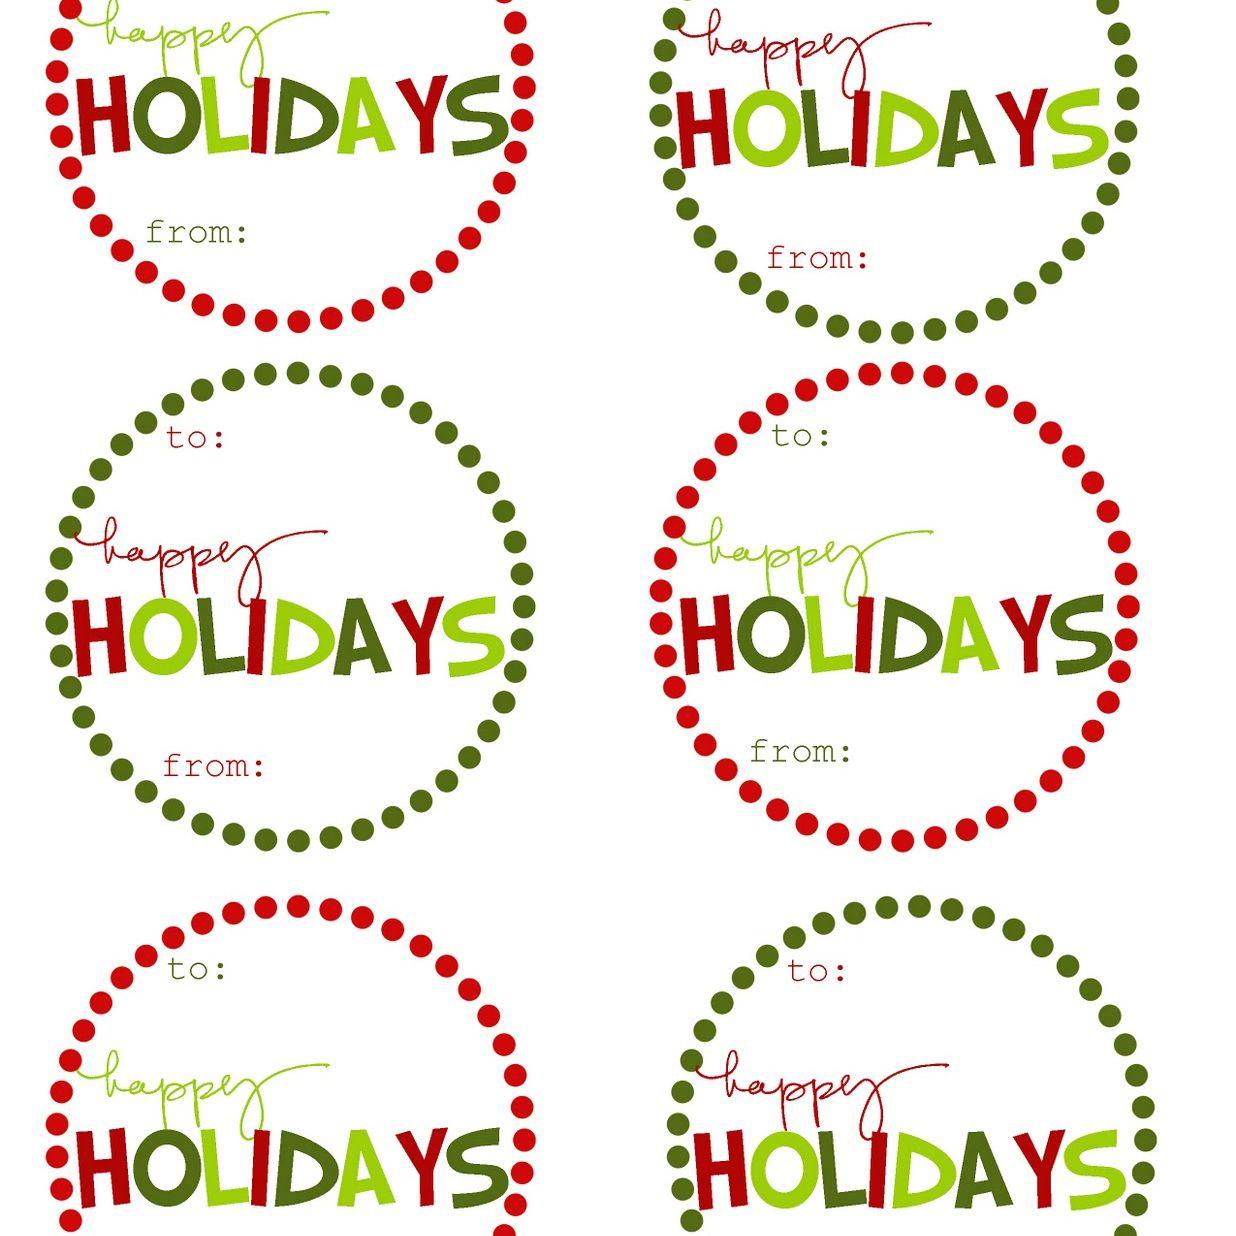 40 Sets Of Free Printable Christmas Gift Tags - Free Printable Customizable Gift Tags